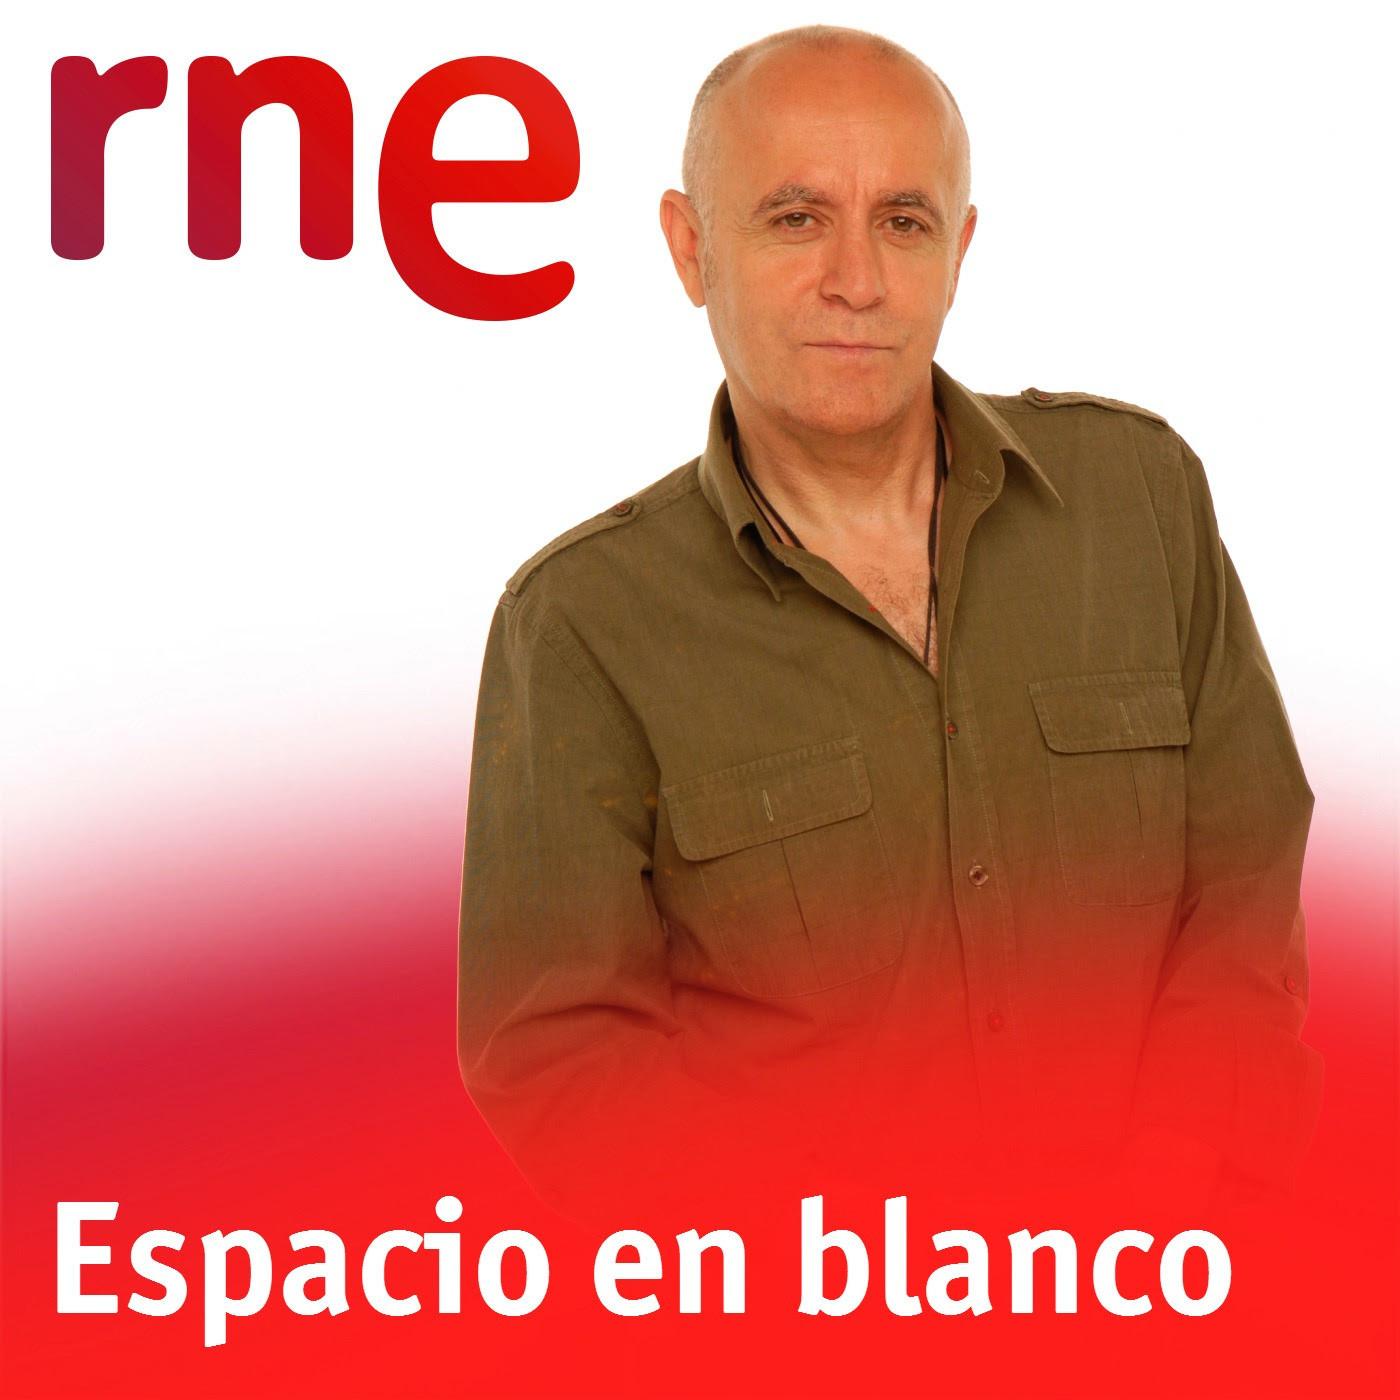 Espacio en blanco – Los Tayos de Ecuador – 23/07/17